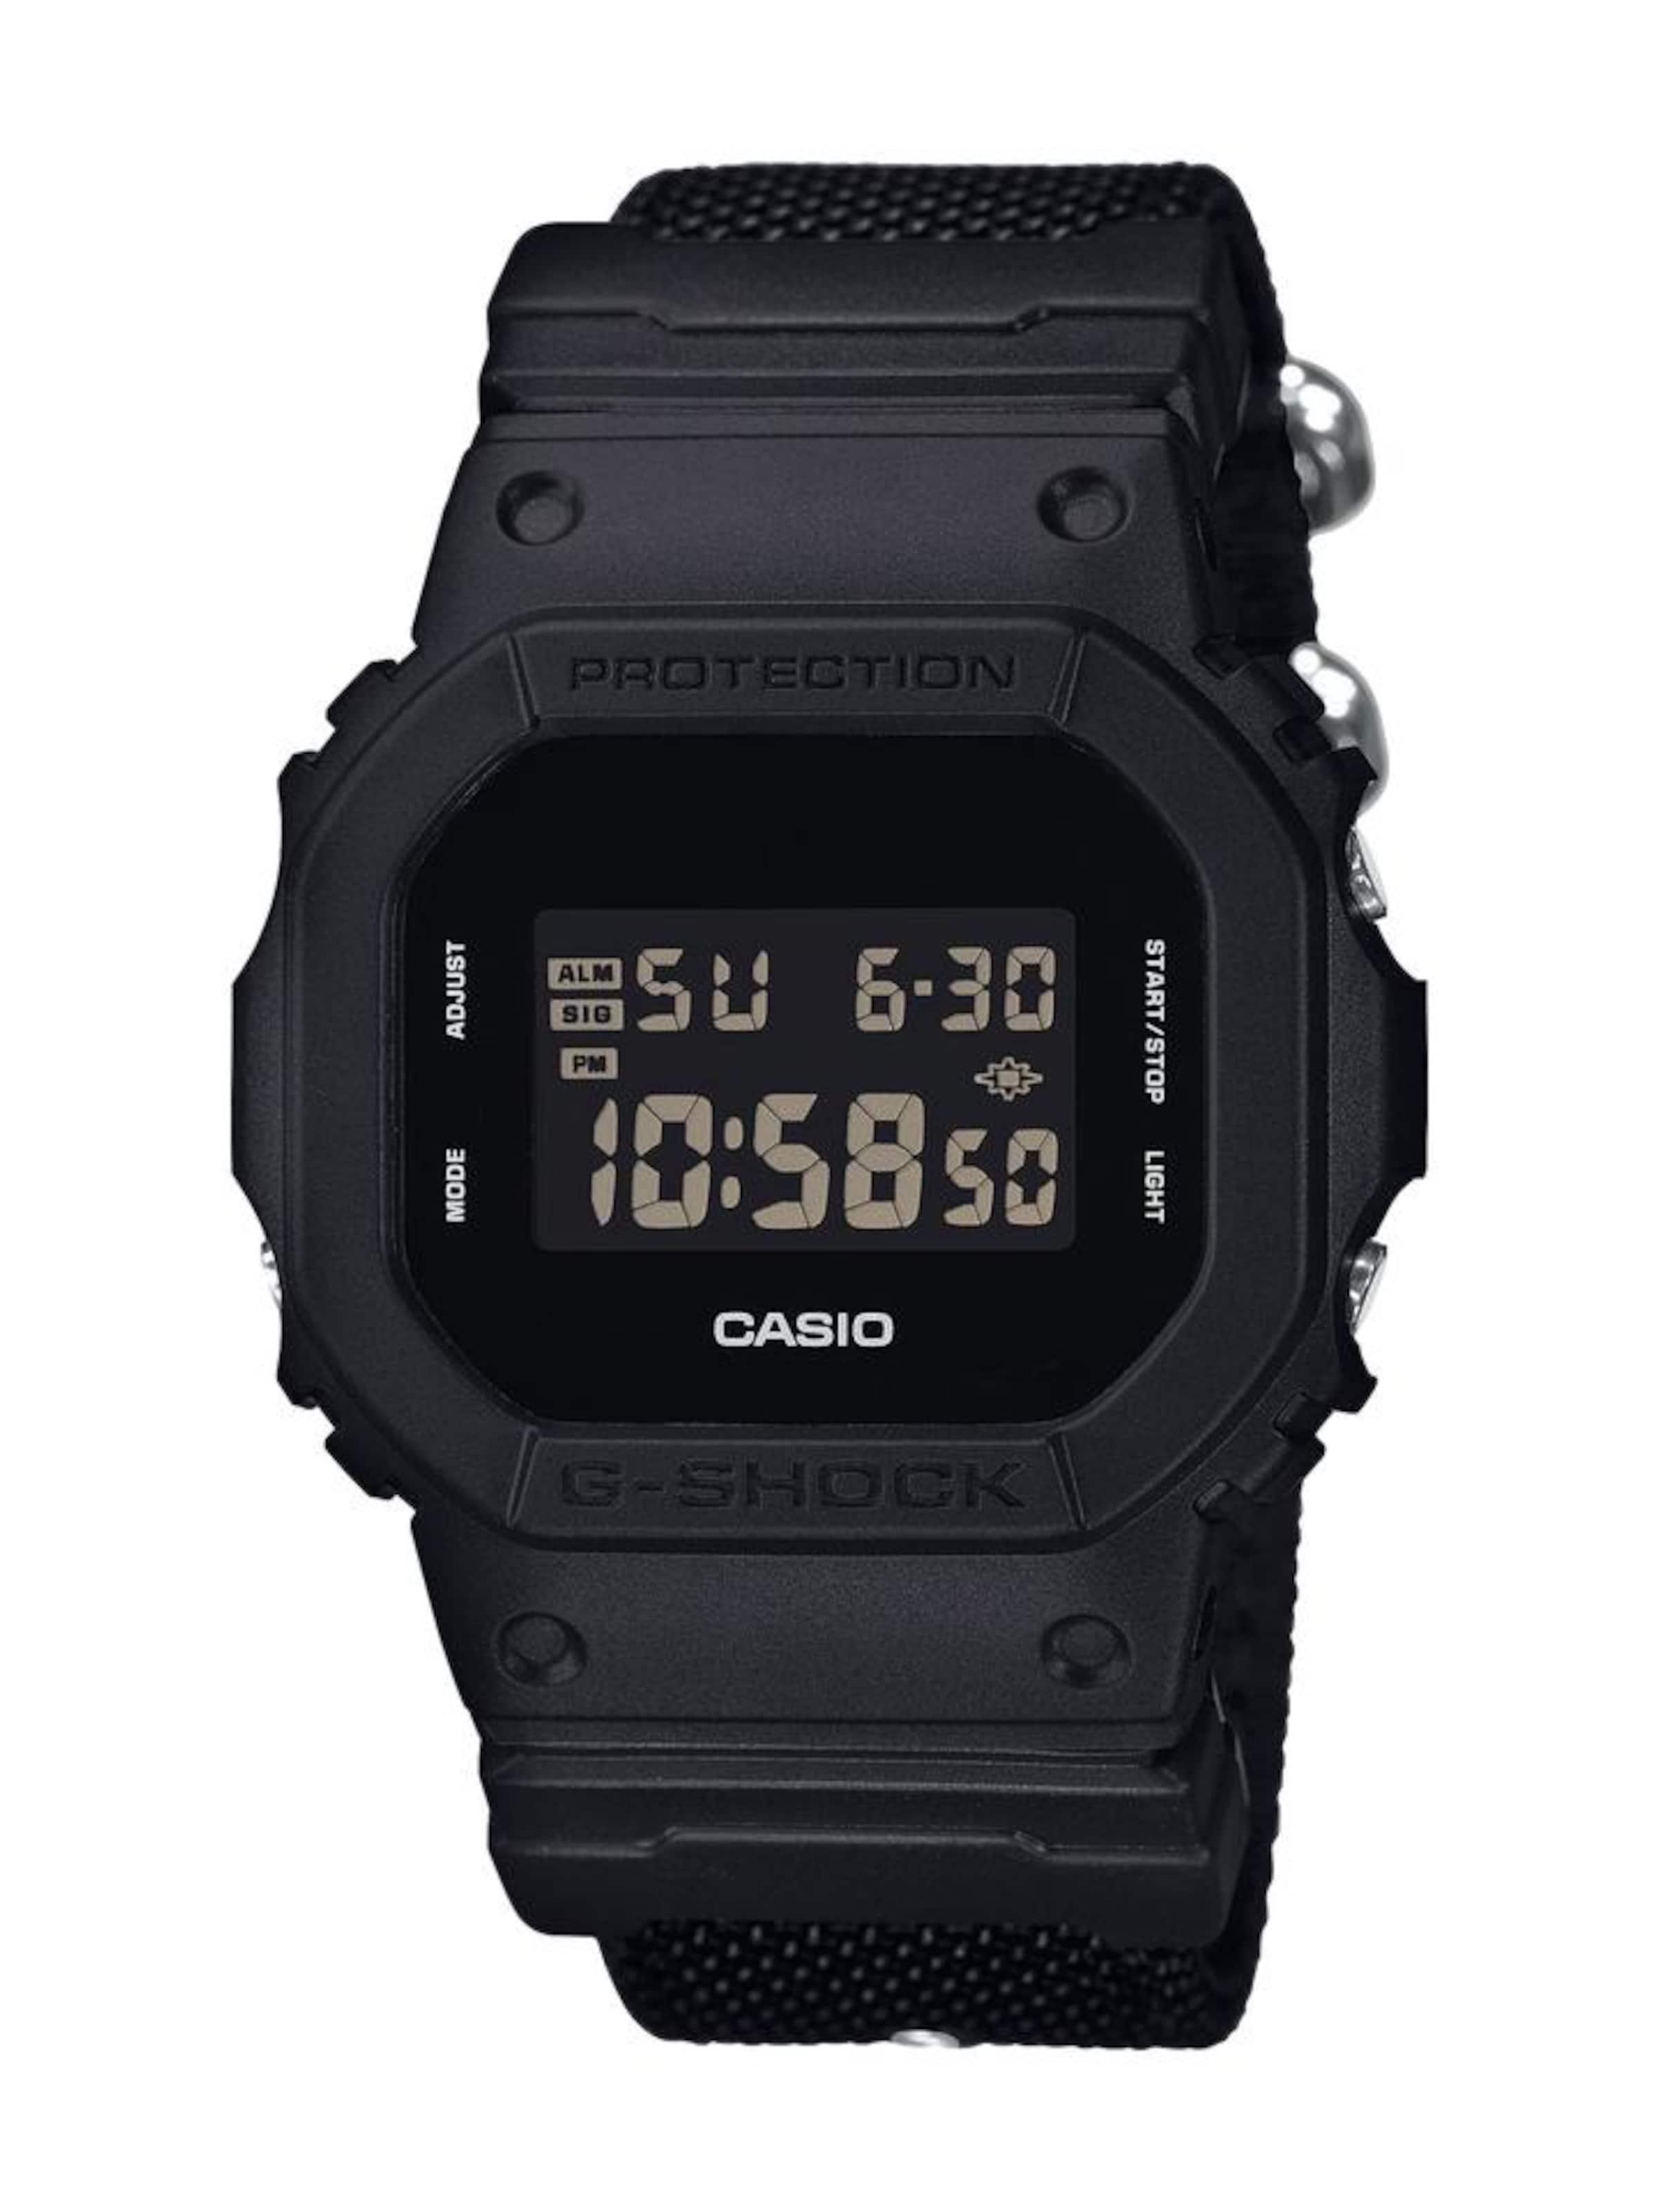 Original- CASIO G-Shock Chronograph 'DW-5600BBN-1ER' Frei Versendende Qualität Niedriger Preis Spielraum Geringe Versandgebühr Bilder Im Internet hrN0ypUN